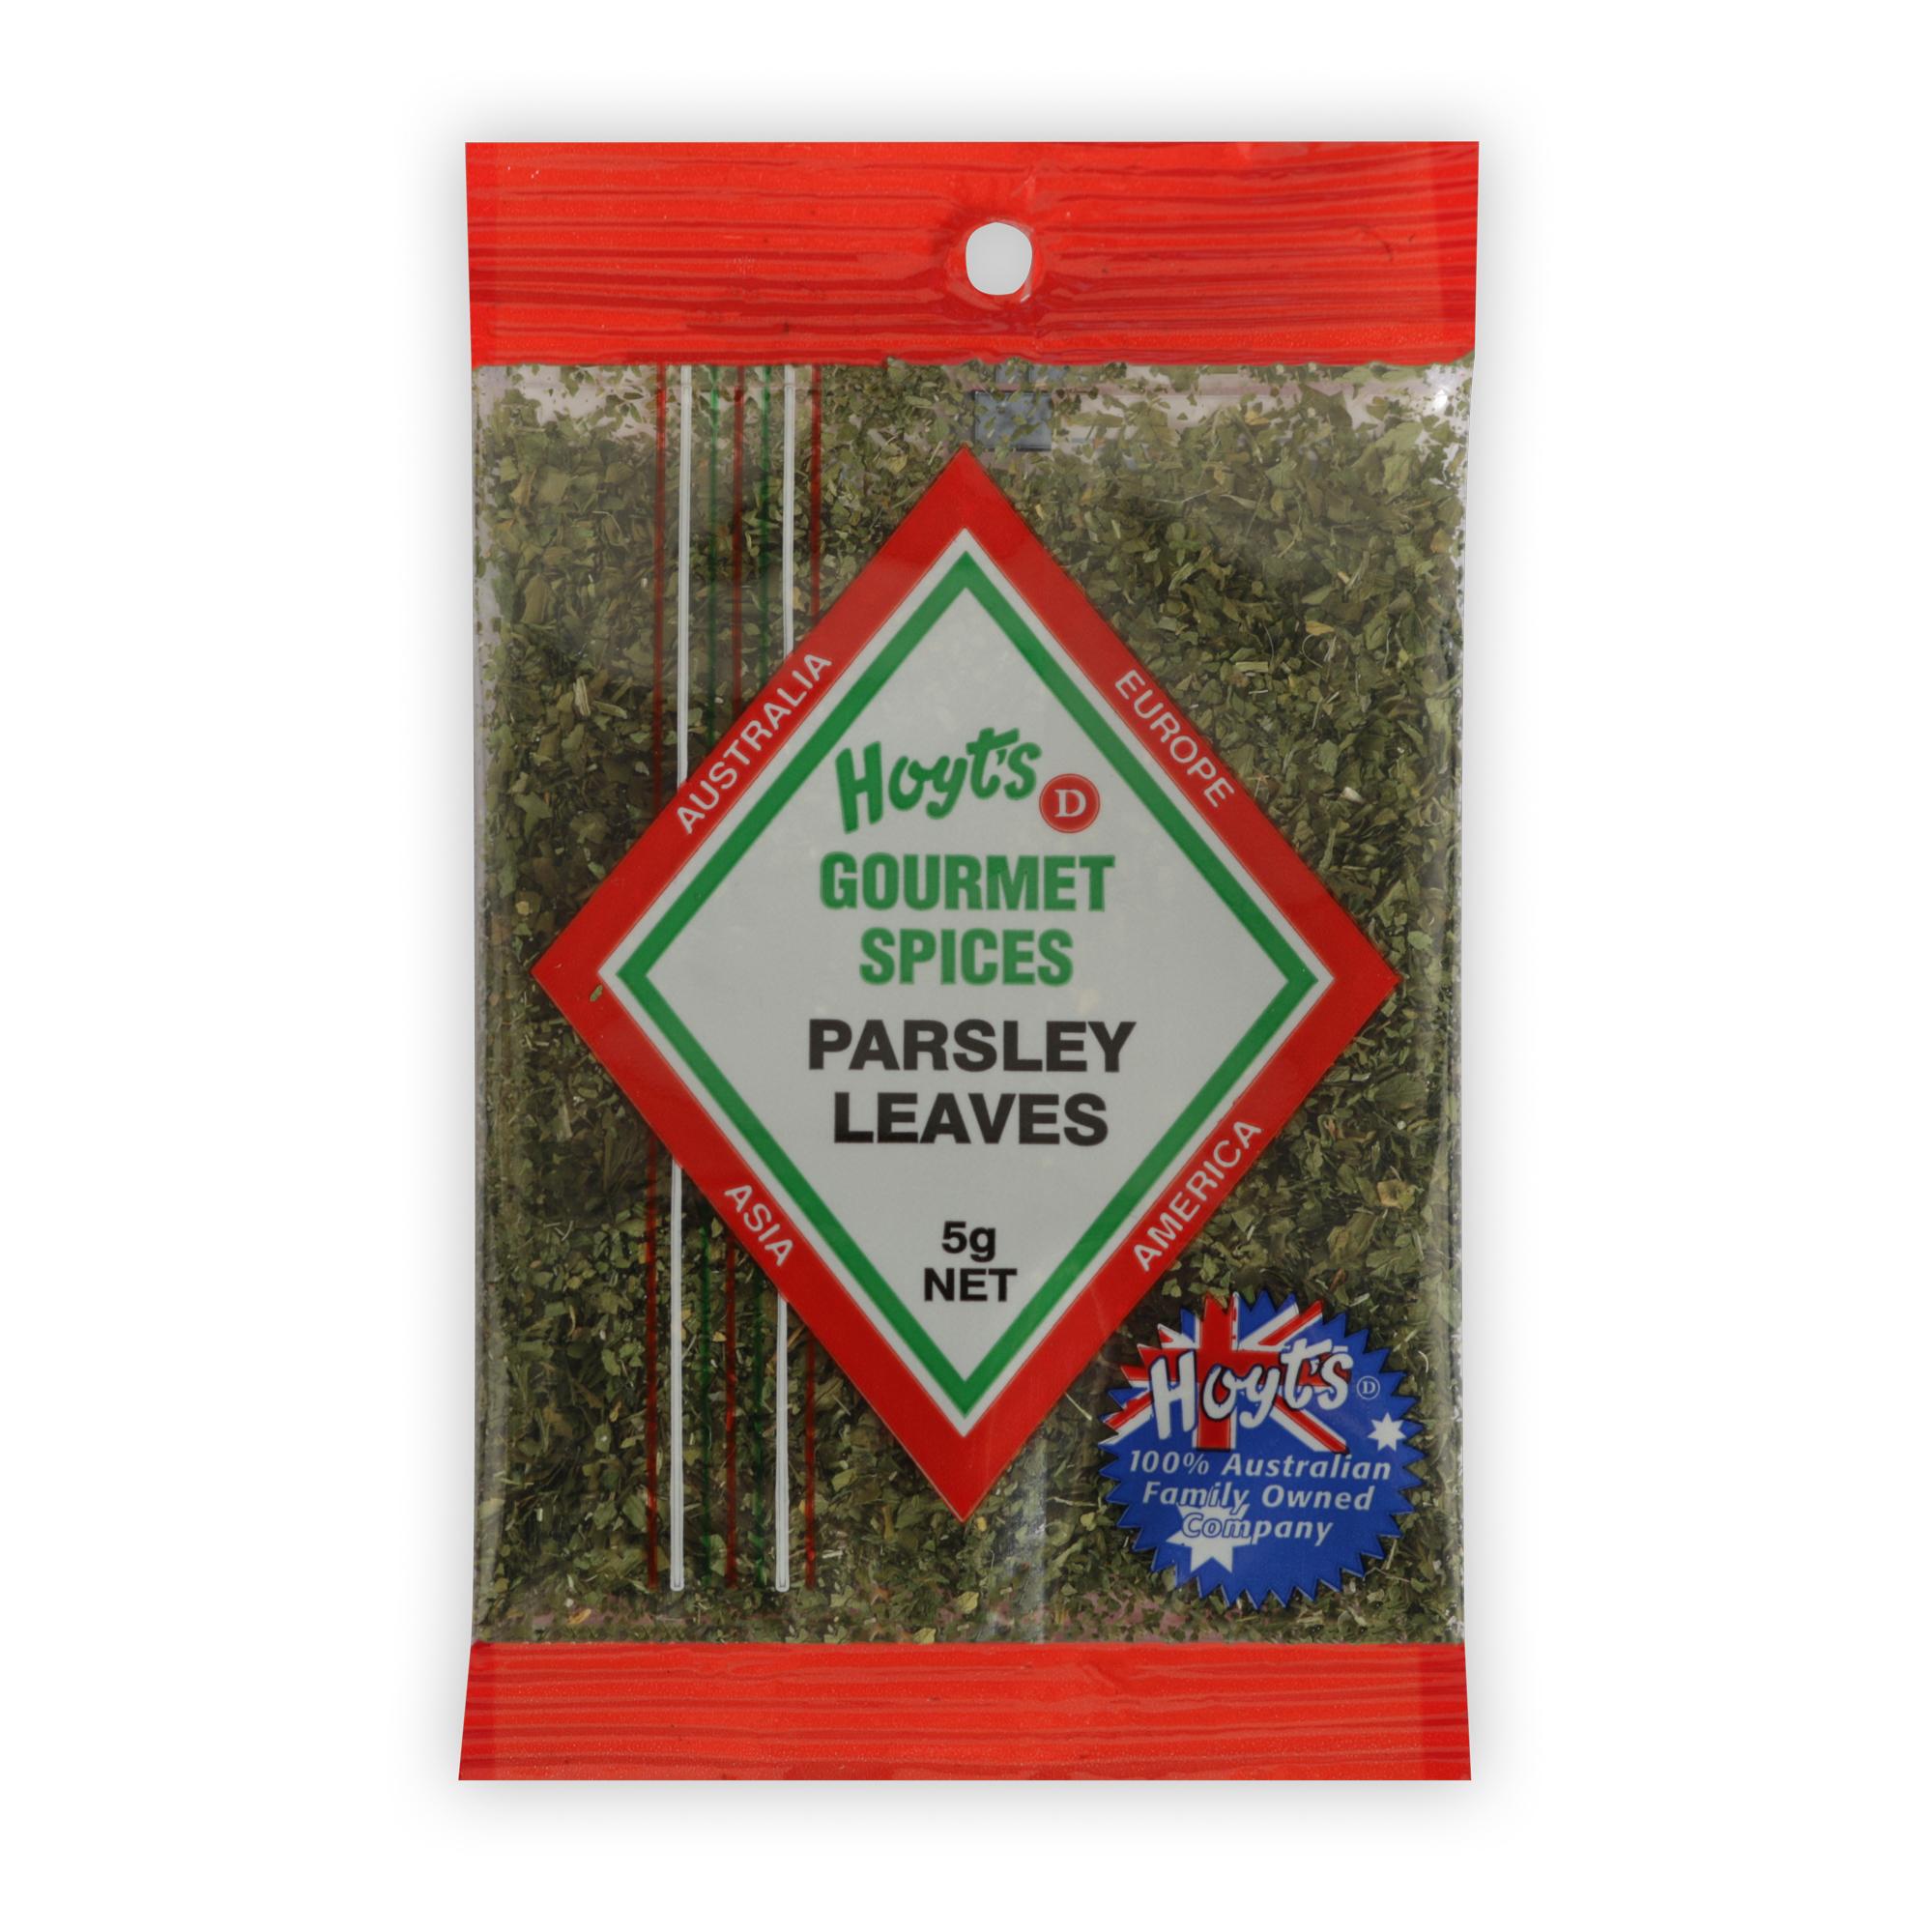 Hoyts Gourmet Parsley Leaves 5g